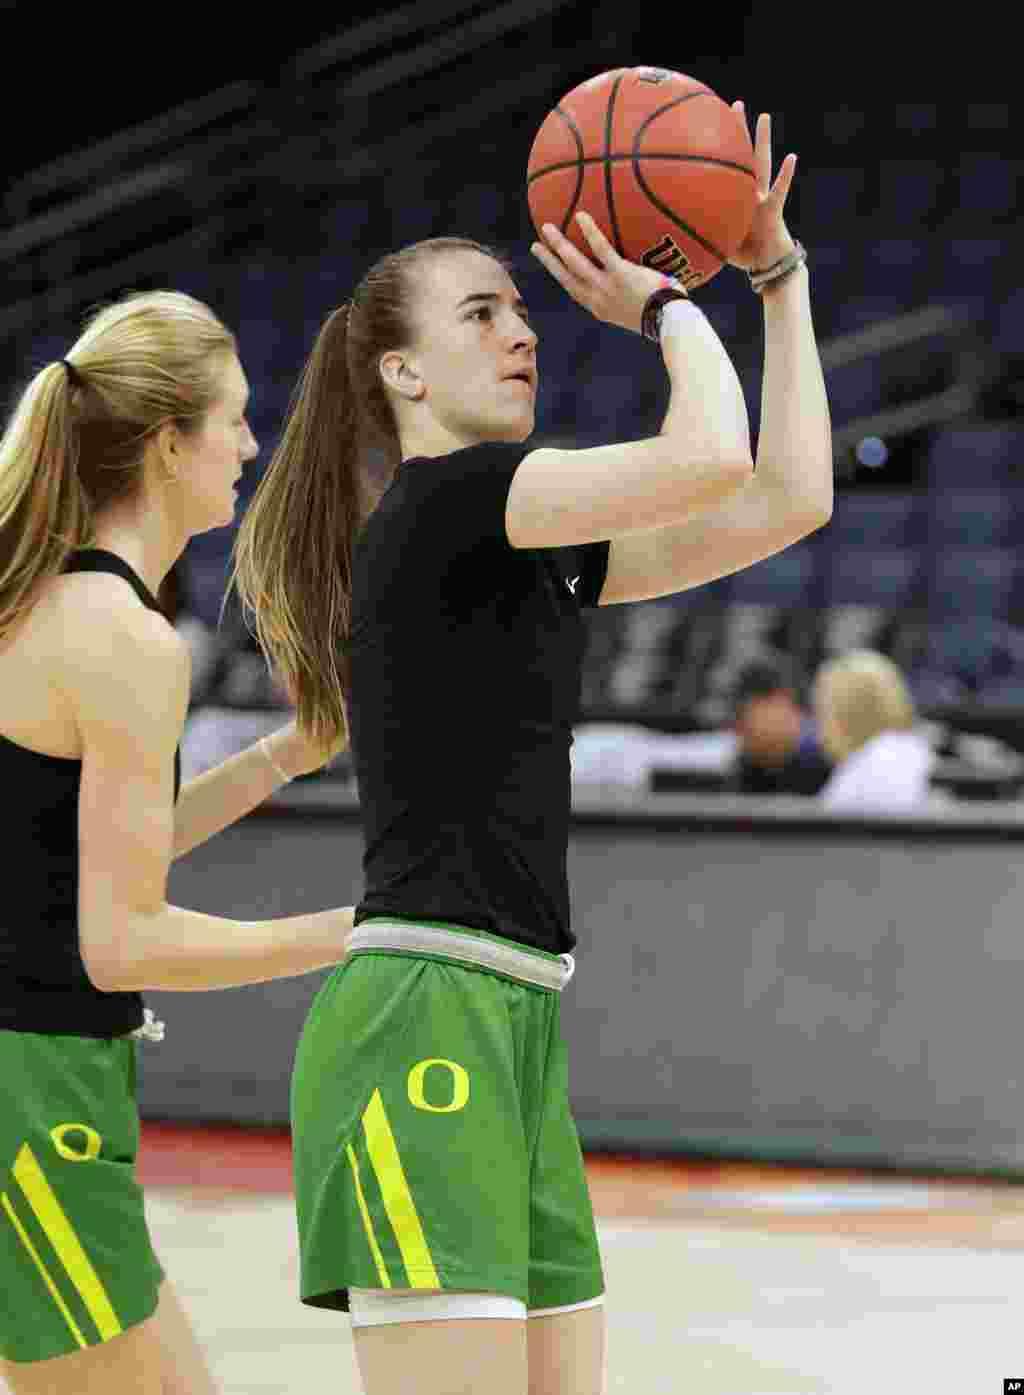 مسابقات بسکتبال کالج های آمریکا در گروه مردان و زنان به مرحله پایانی رسیده است. این دو بسکتبالیست زن، از تیم اورگان، جزو چهارتیم نهایی مسابقات بسکتبال کالج زنان هستند.